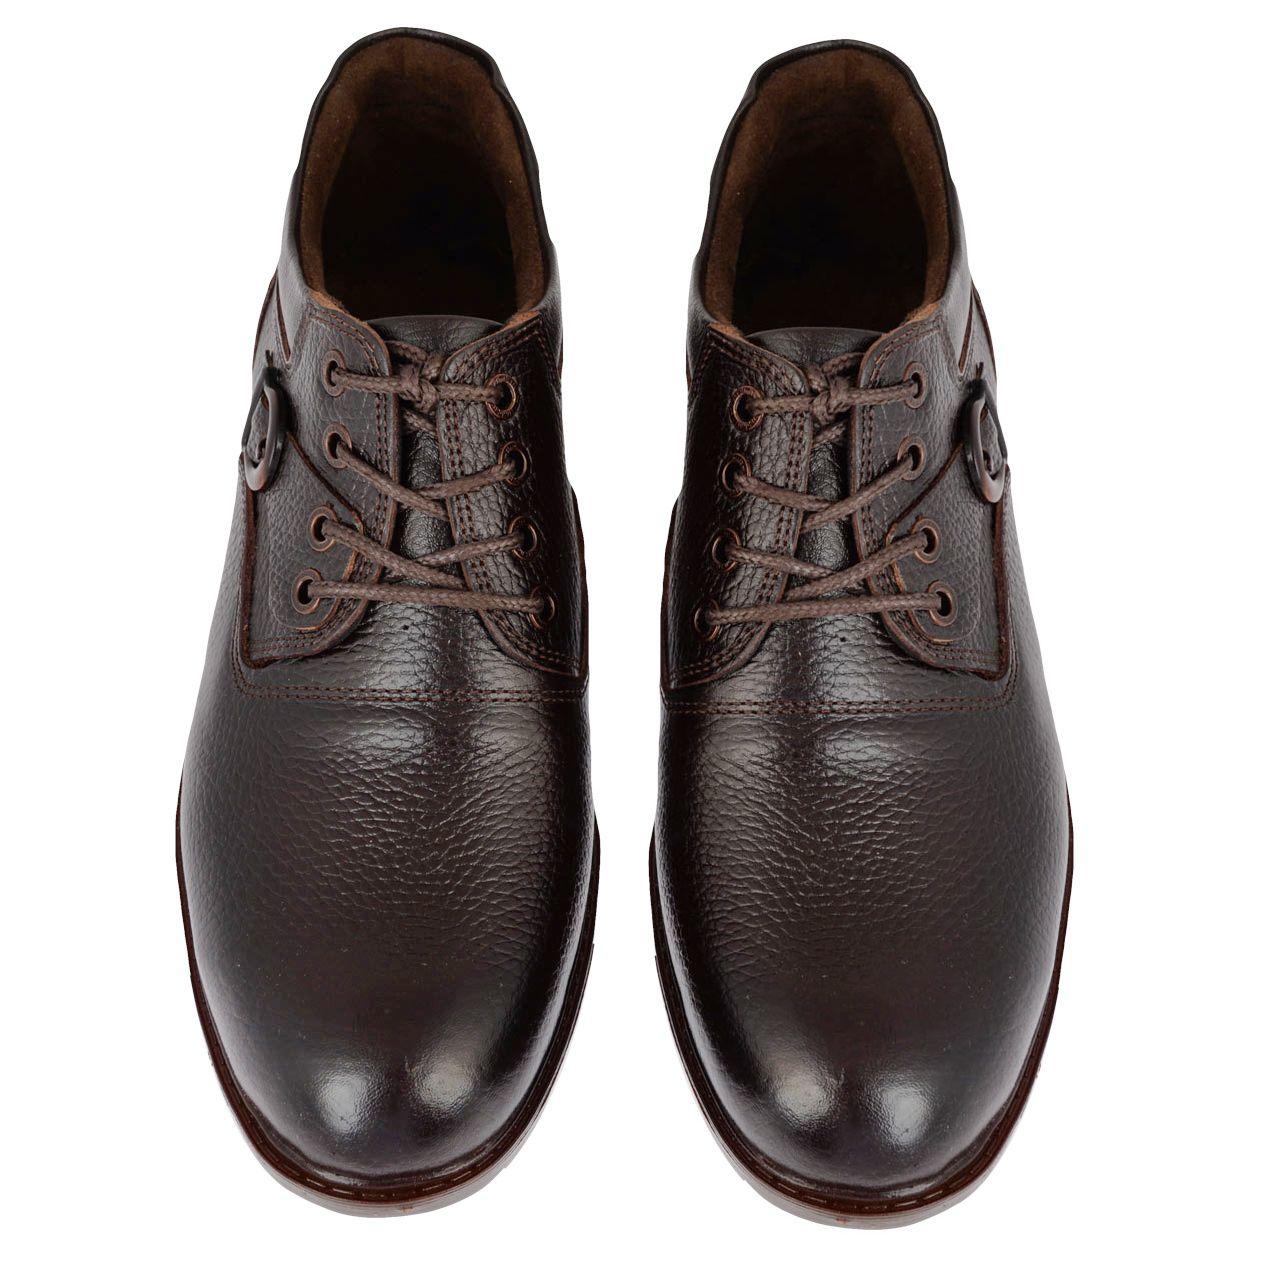 کفش مردانه کد 324001708 -  - 3